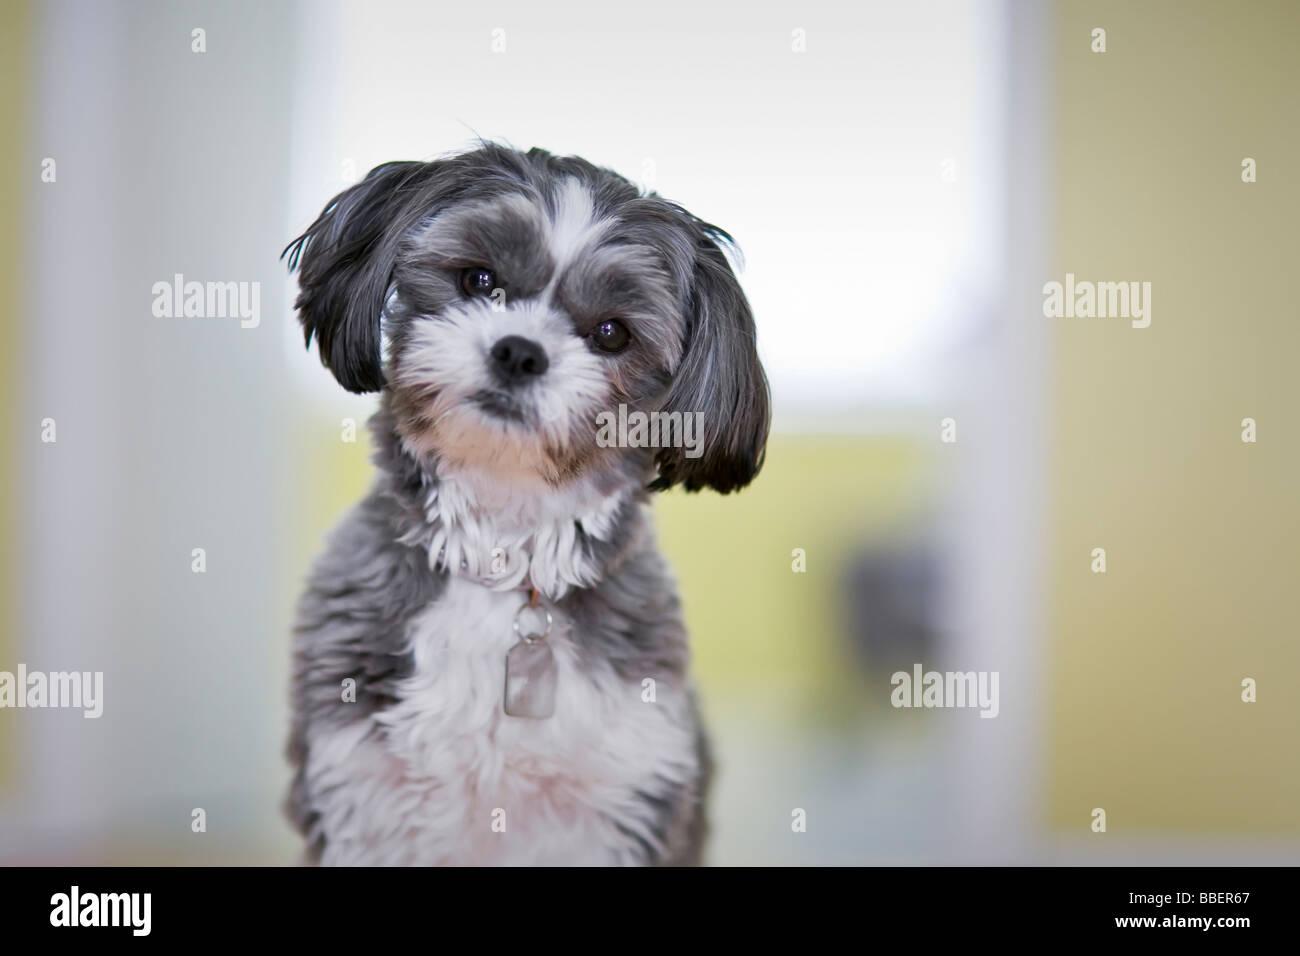 Portrat Von Einem Weiblichen Shih Tzu Malteser Hund Stockfotografie Alamy